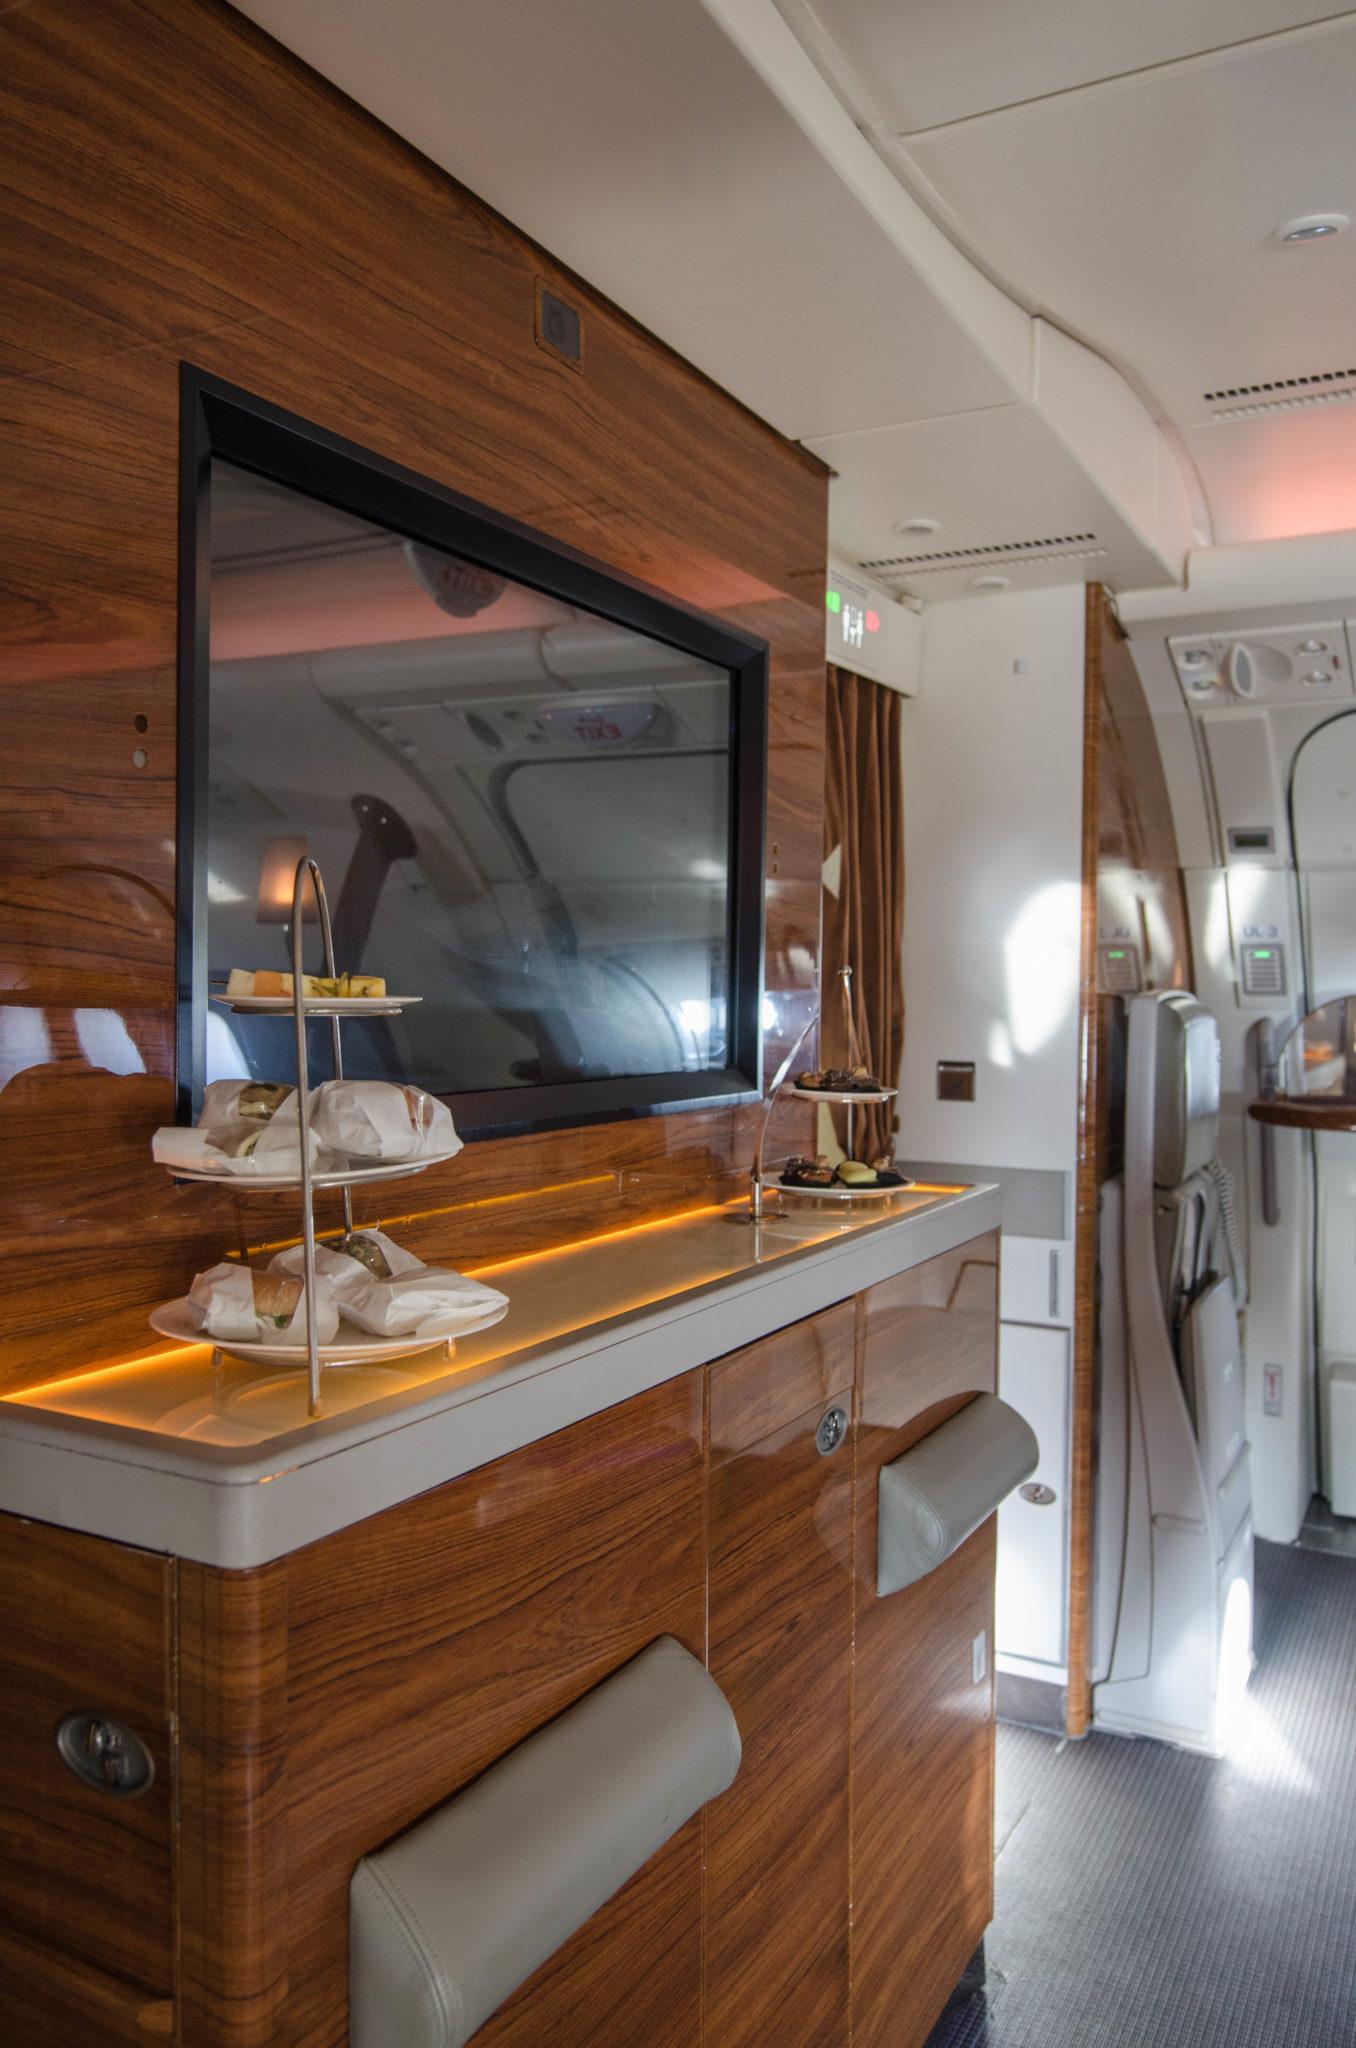 Emirates Business Class im A380: Auch Snacks werden in der Bar an Bord gereicht